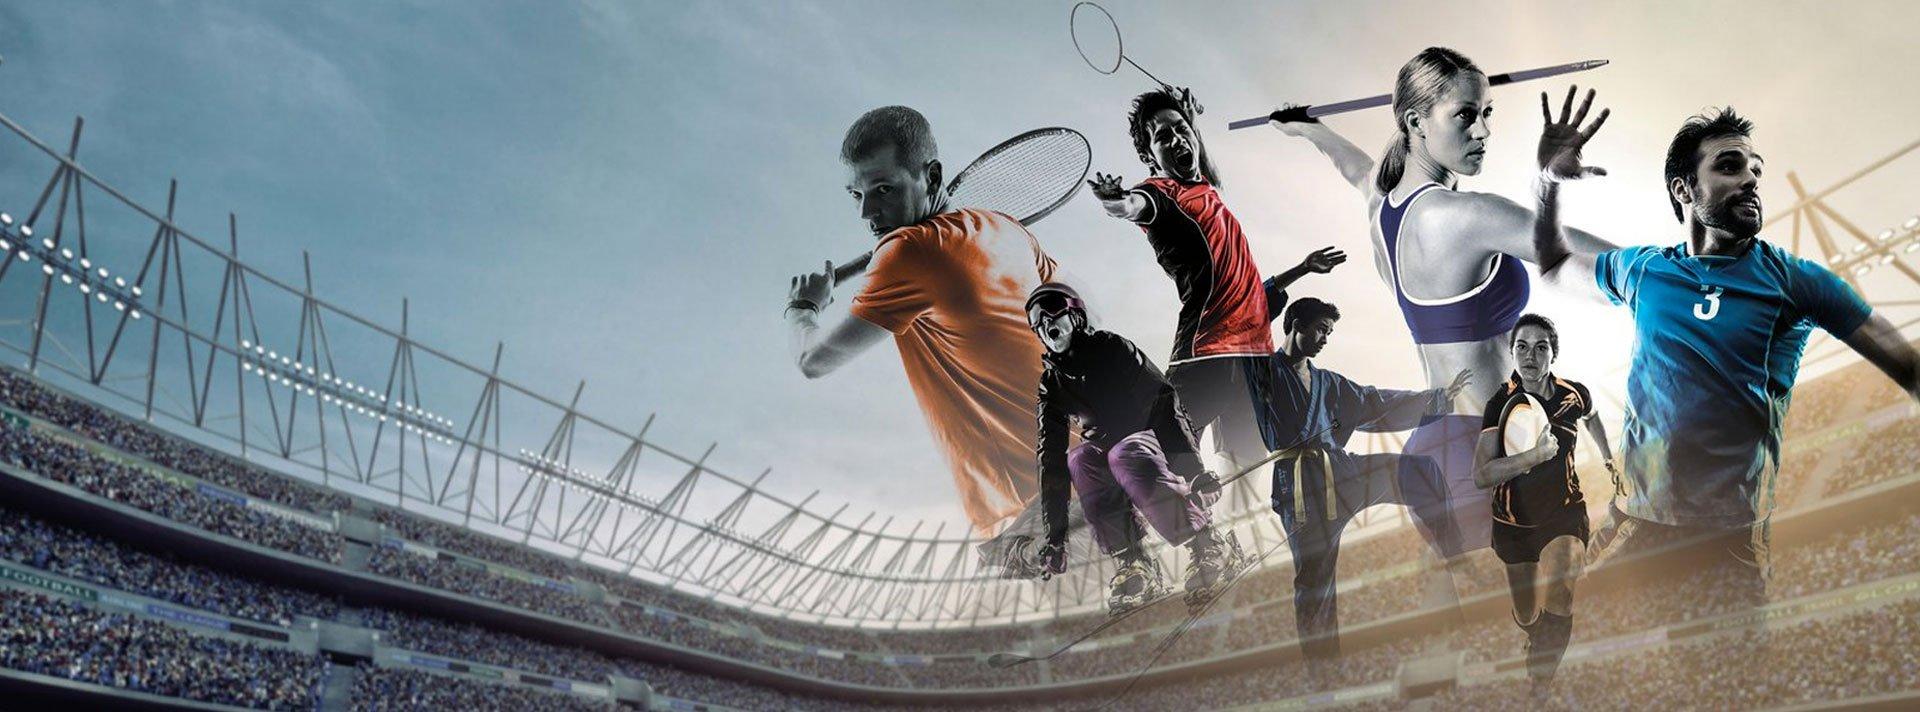 Spetsializatsiya v stavkah na sport